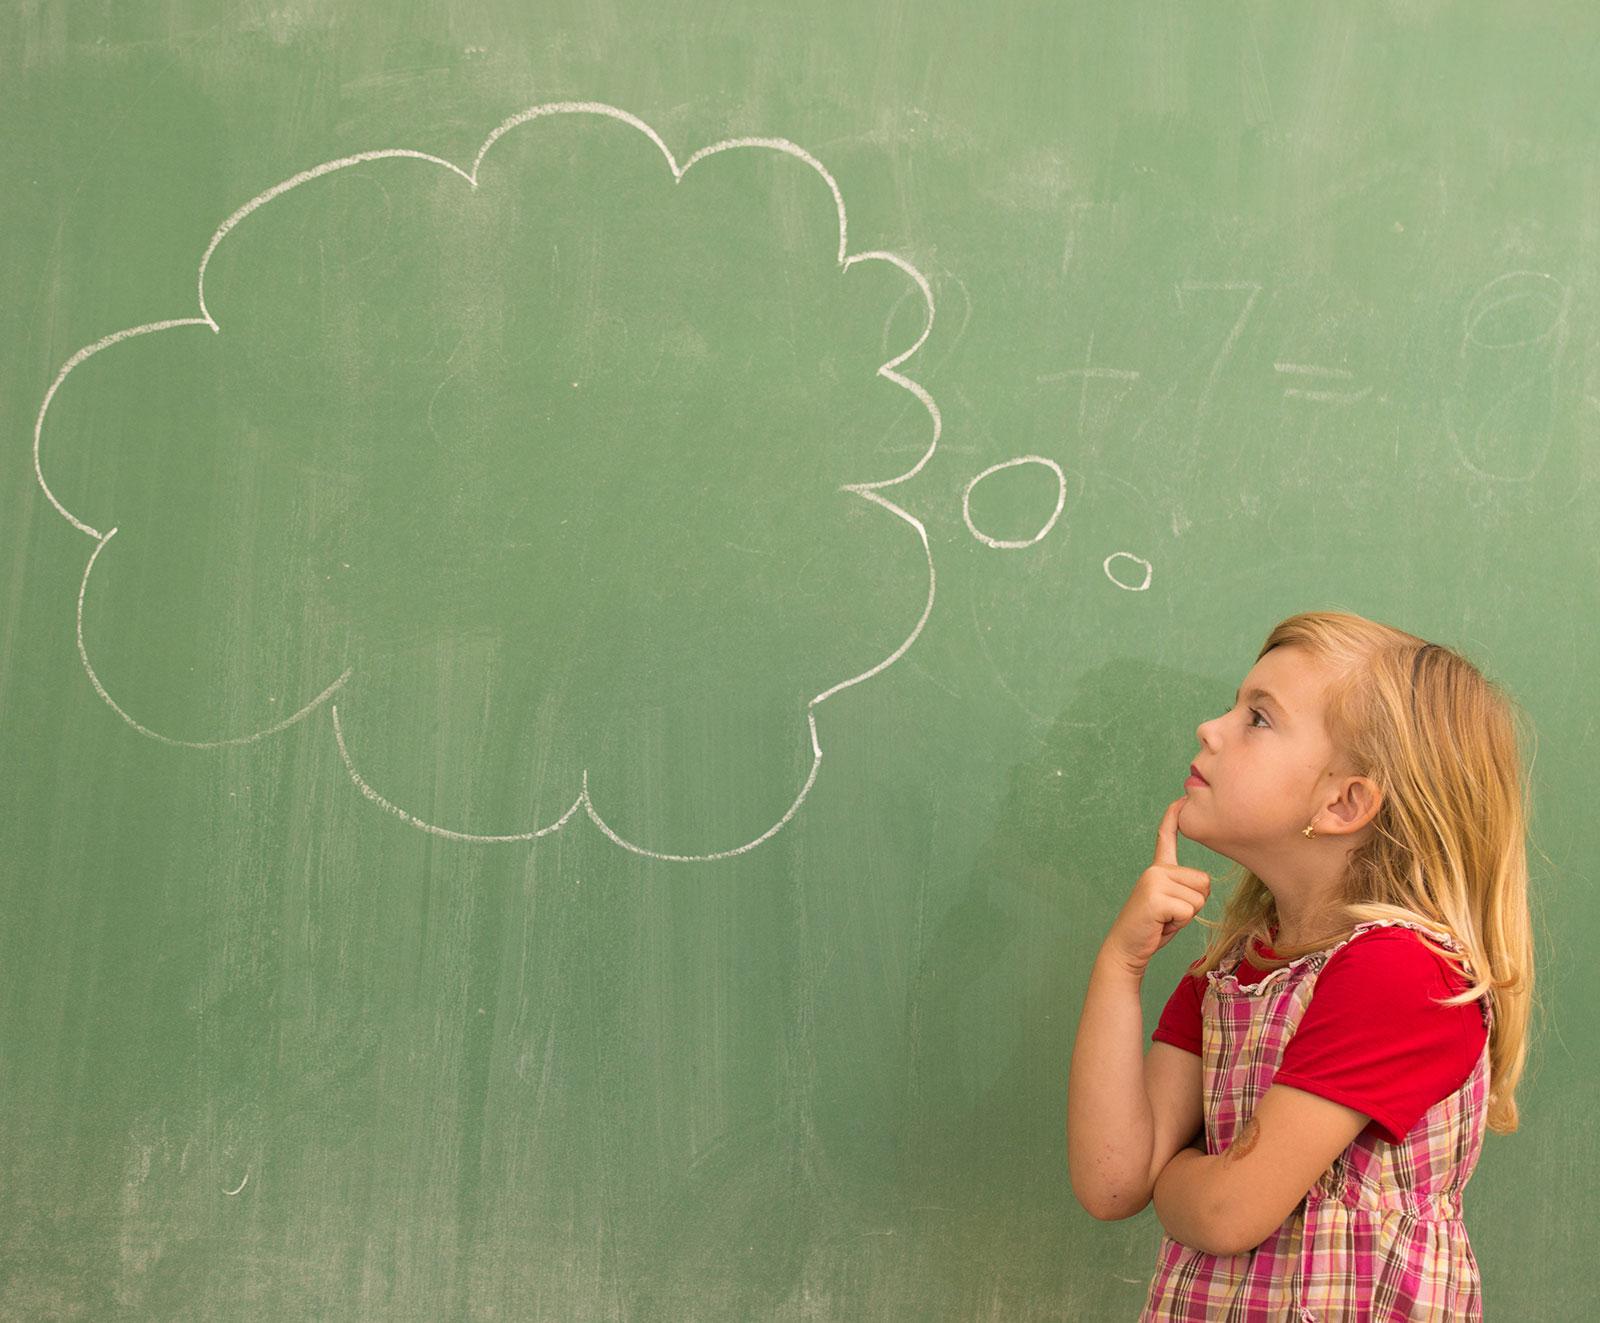 Je zgodnje učenje tujih jezikov koristno za otroke?